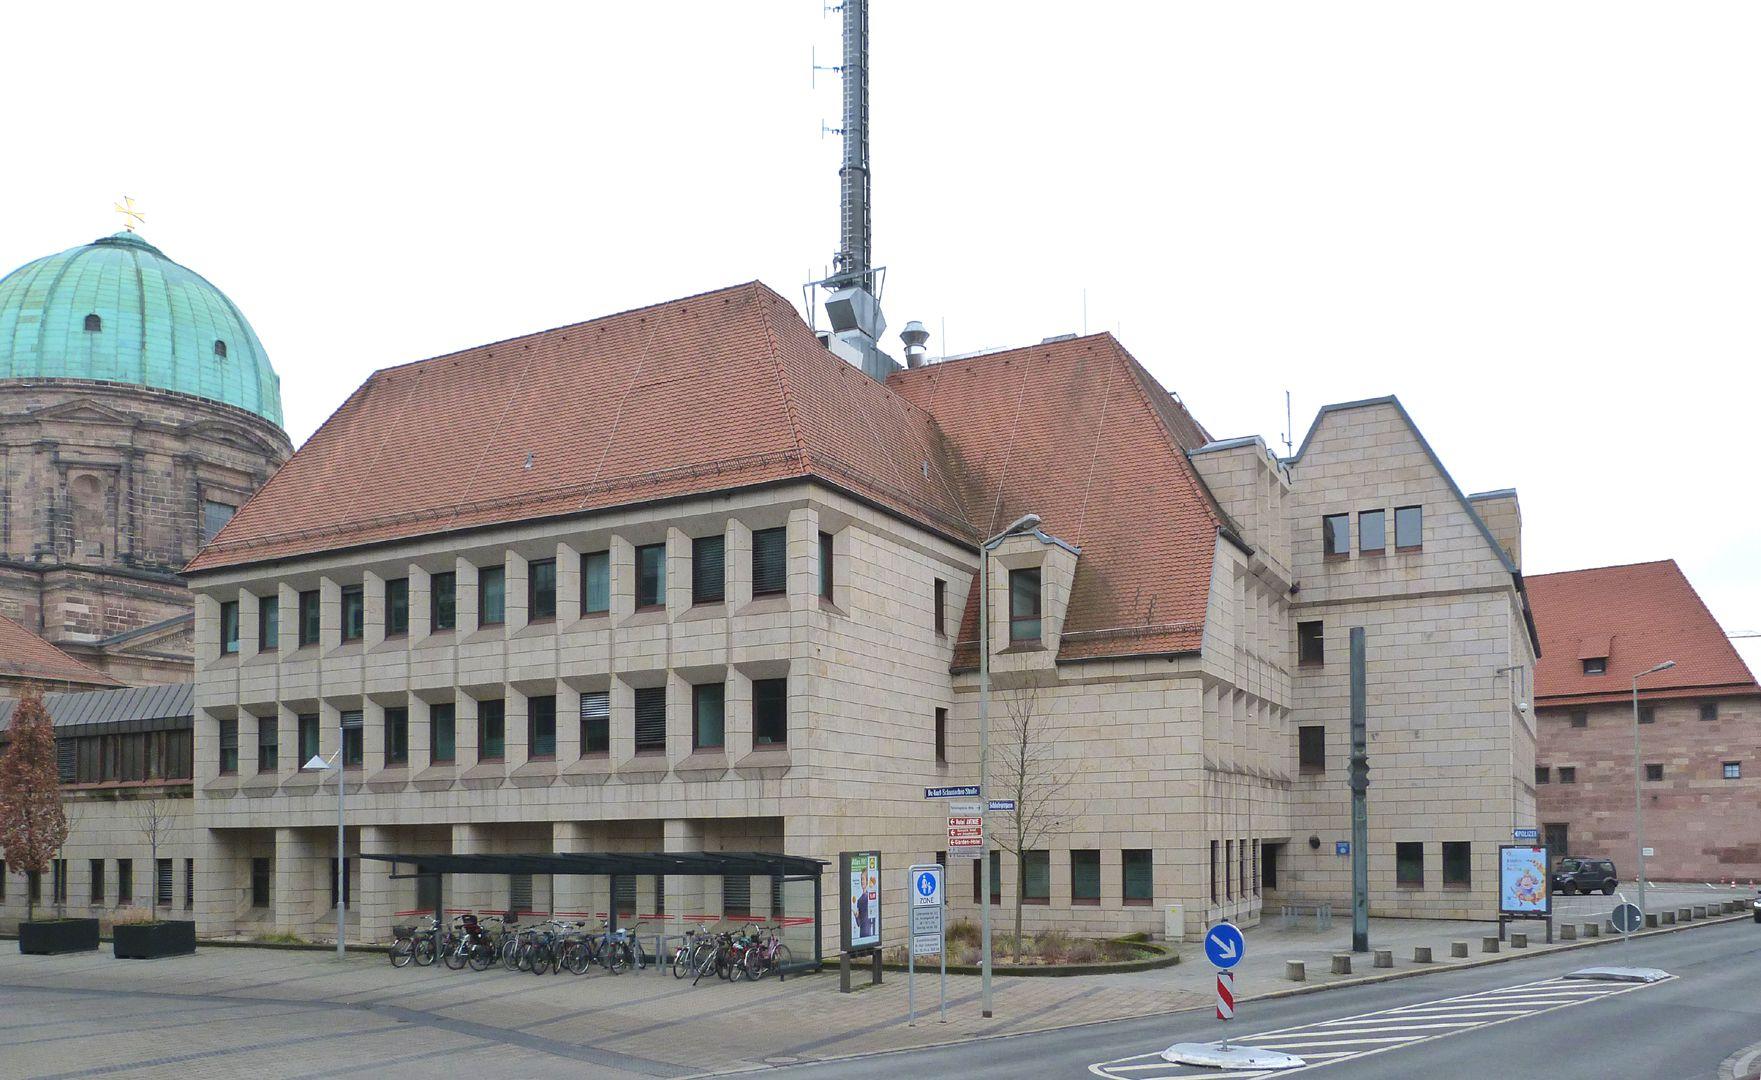 Erweiterungsbau des Polizeipräsidiums Gebäudekomplex, Dr. Kurt-Schumacher-Straße Ecke Schlotfegergasse